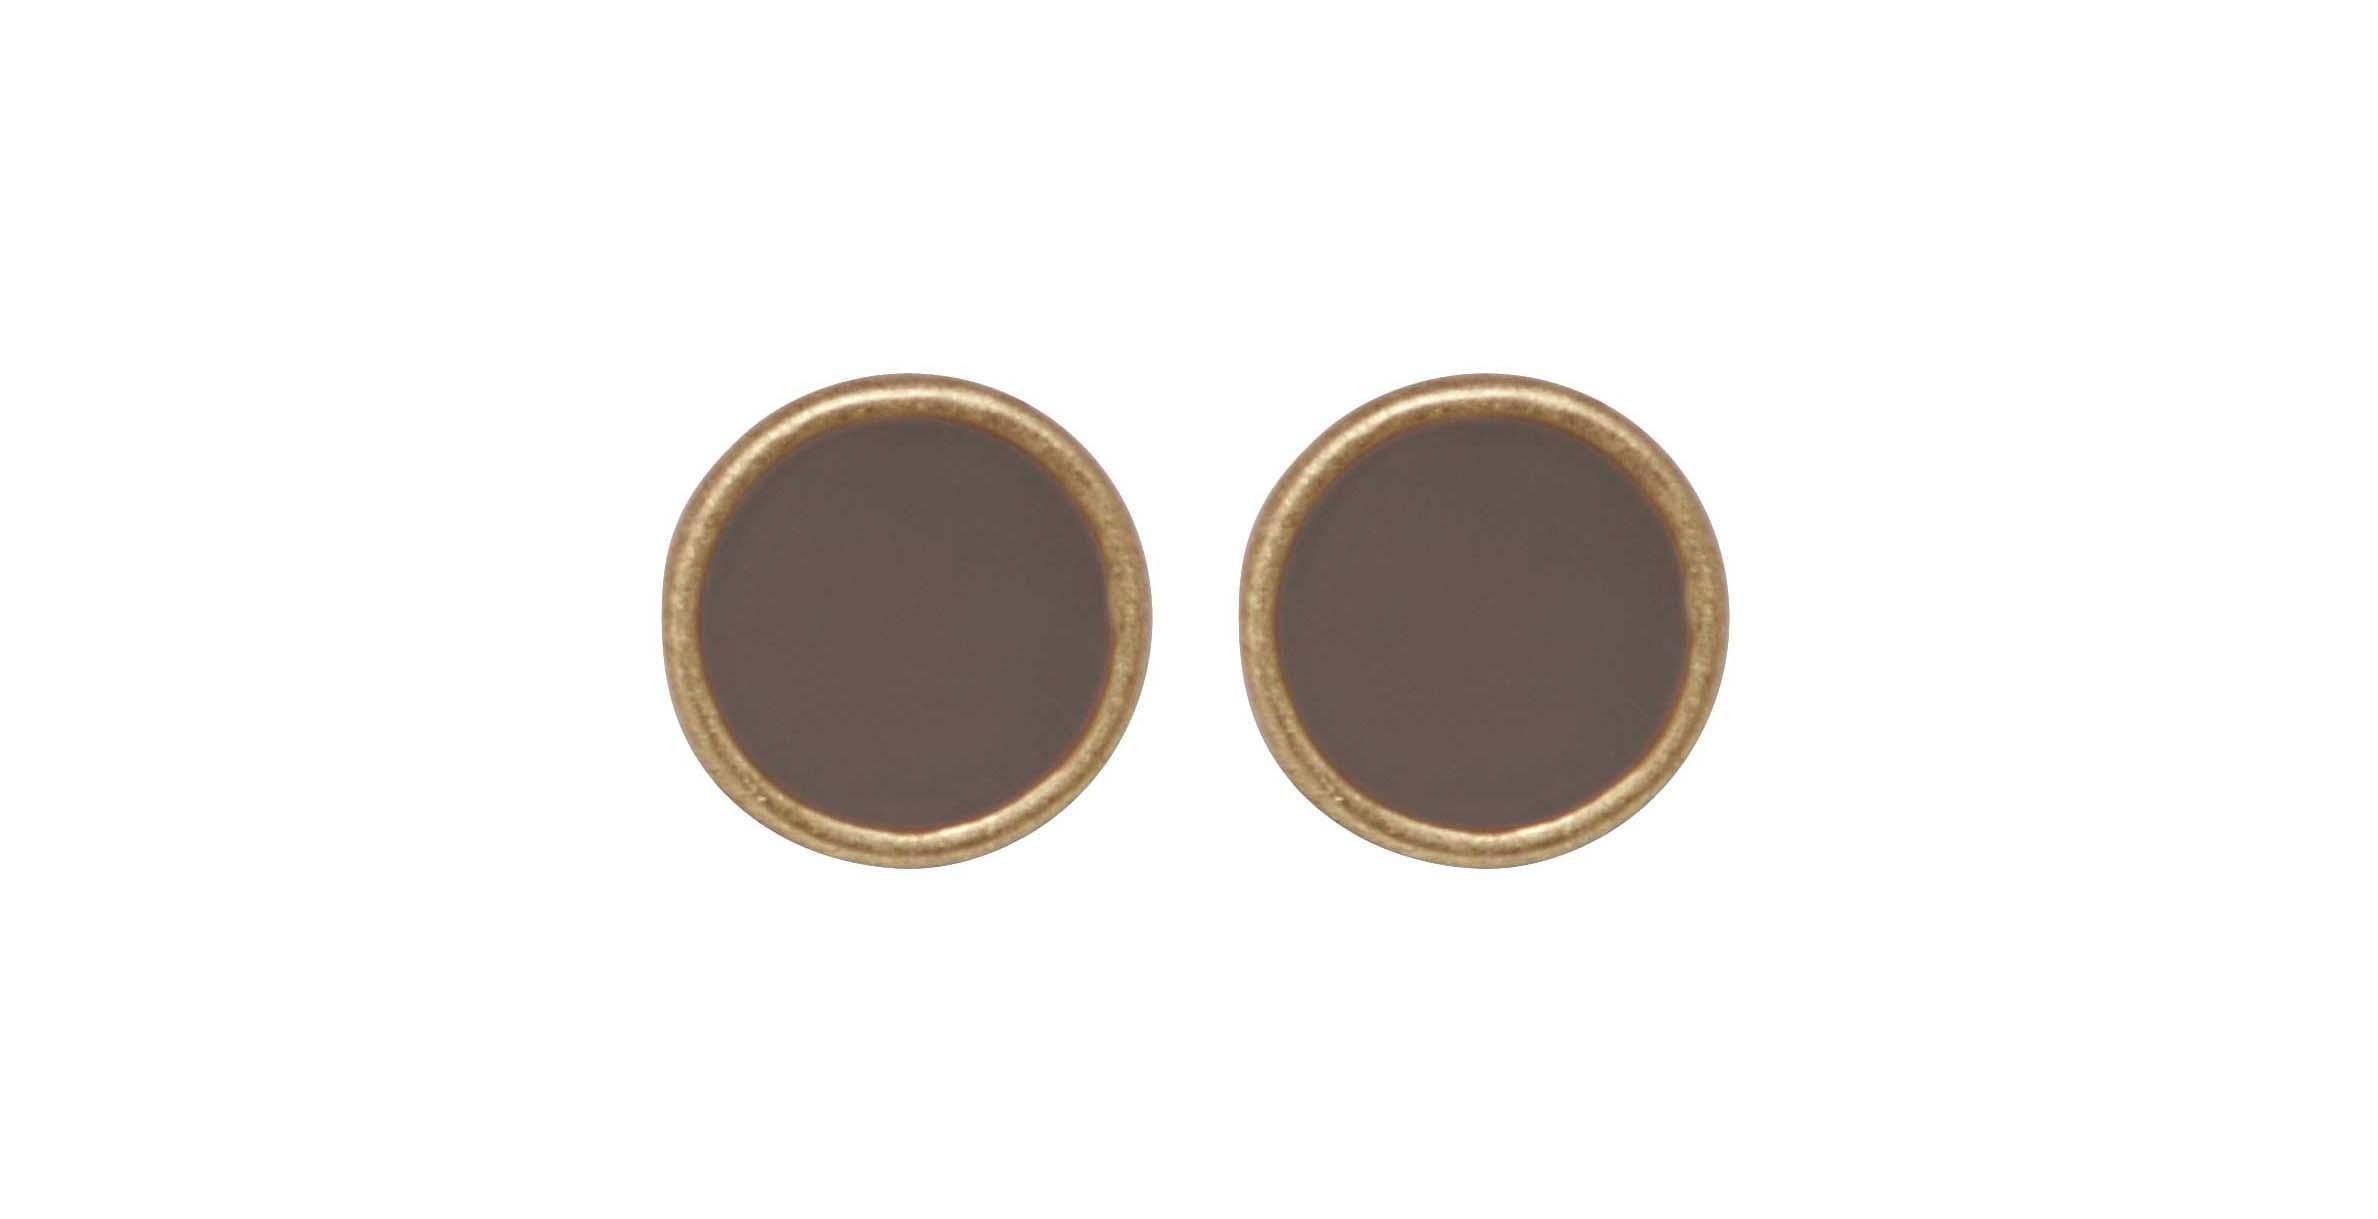 Серьги с эмалью кофейного цвета(3H771)Phoebe<br>Дания, Dansk Smykkekunst<br><br>Диаметр серег 0,7см<br>